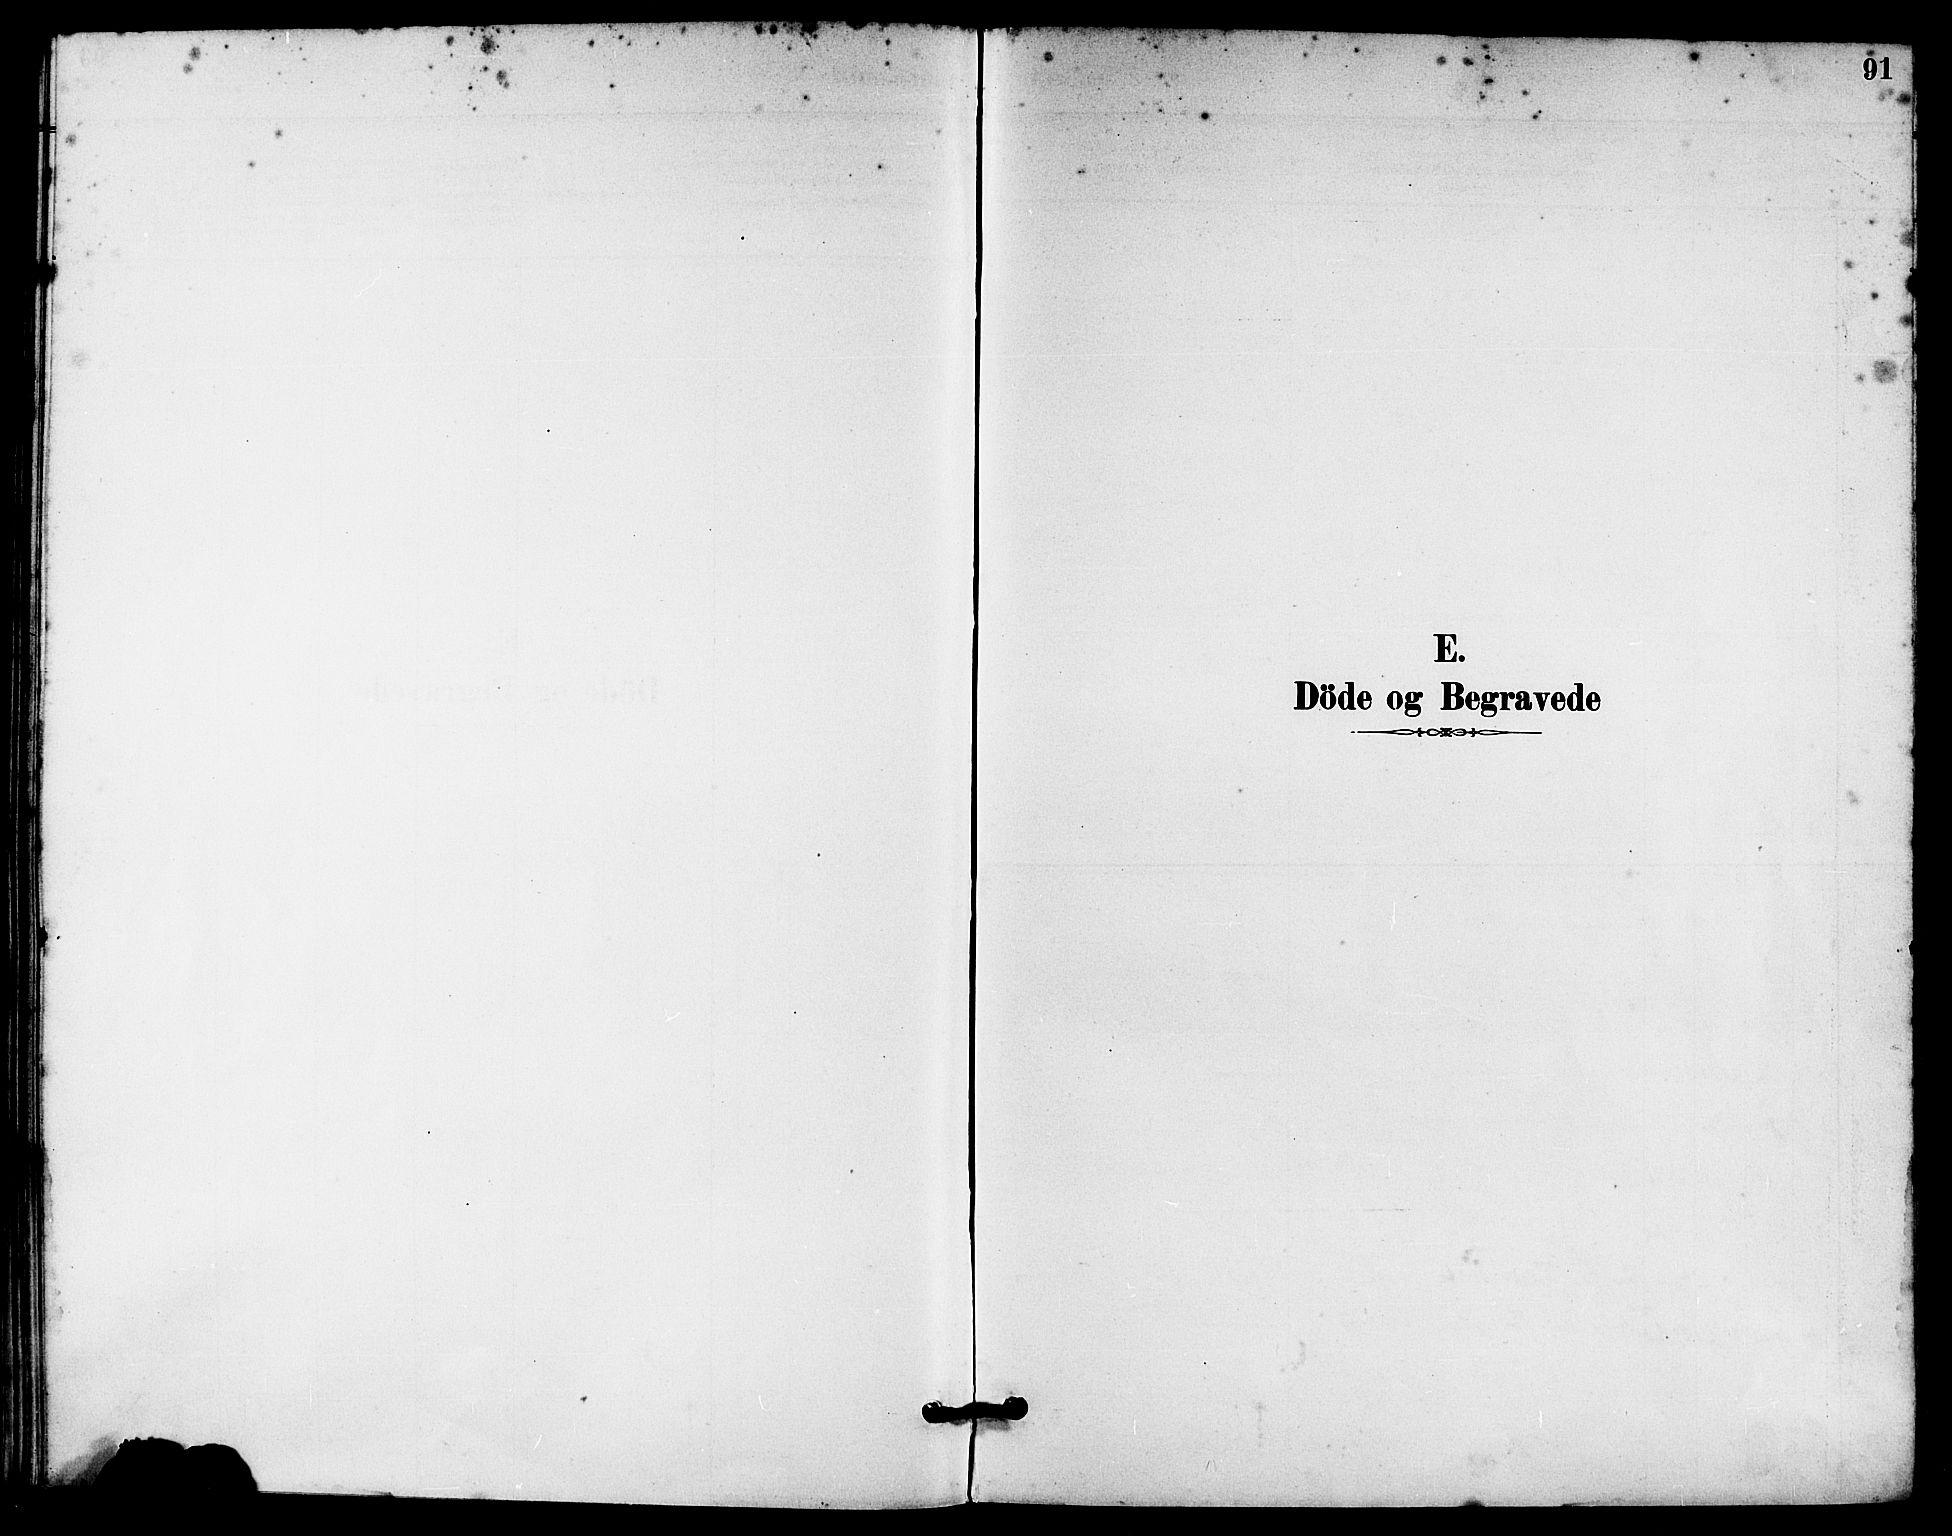 SAST, Håland sokneprestkontor, 30BA/L0010: Ministerialbok nr. A 9, 1883-1888, s. 91